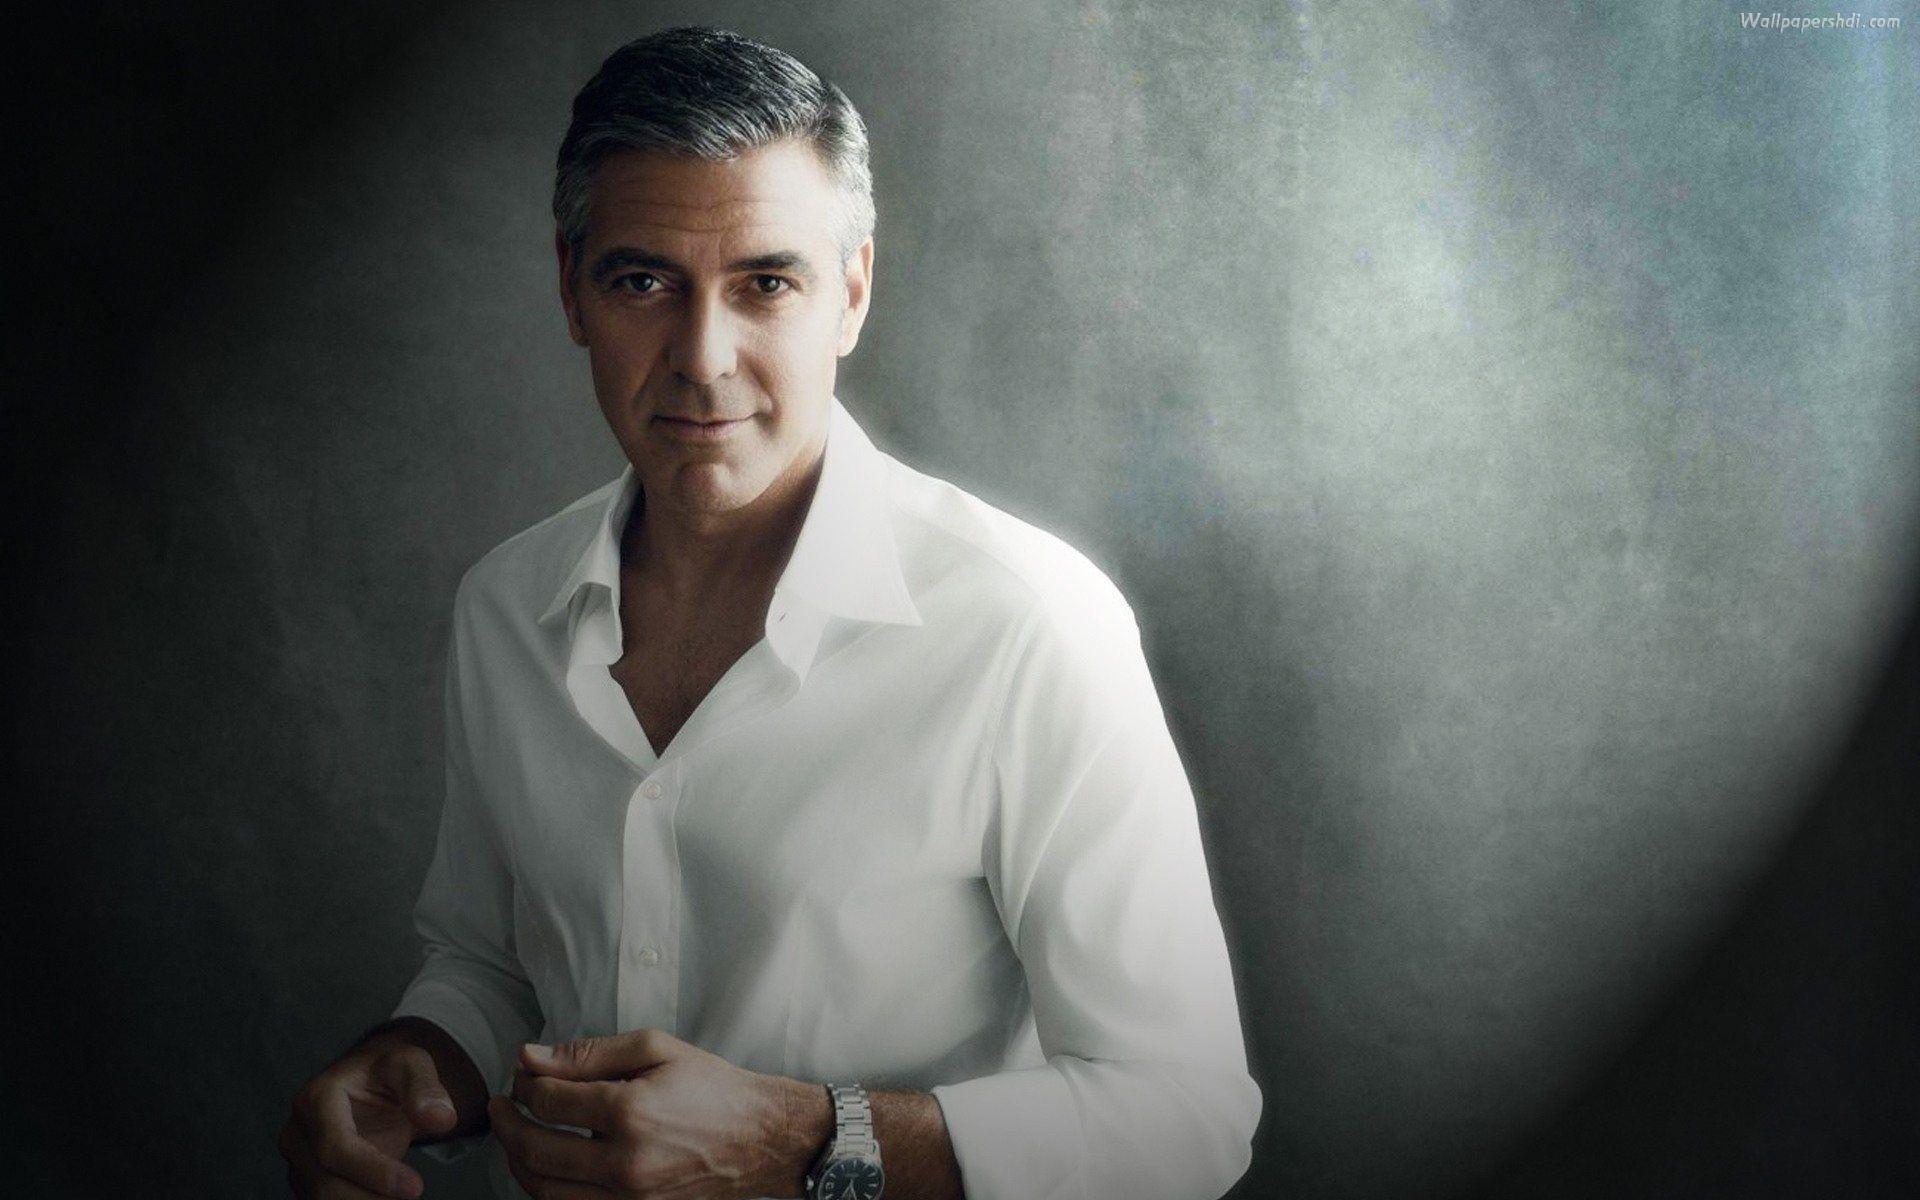 George Clooney không gói gọn bản thân trong mảng diễn xuất và vẻ đẹp của gã Don Juan nước Mỹ từng là chuẩn mực của biết bao cô gái